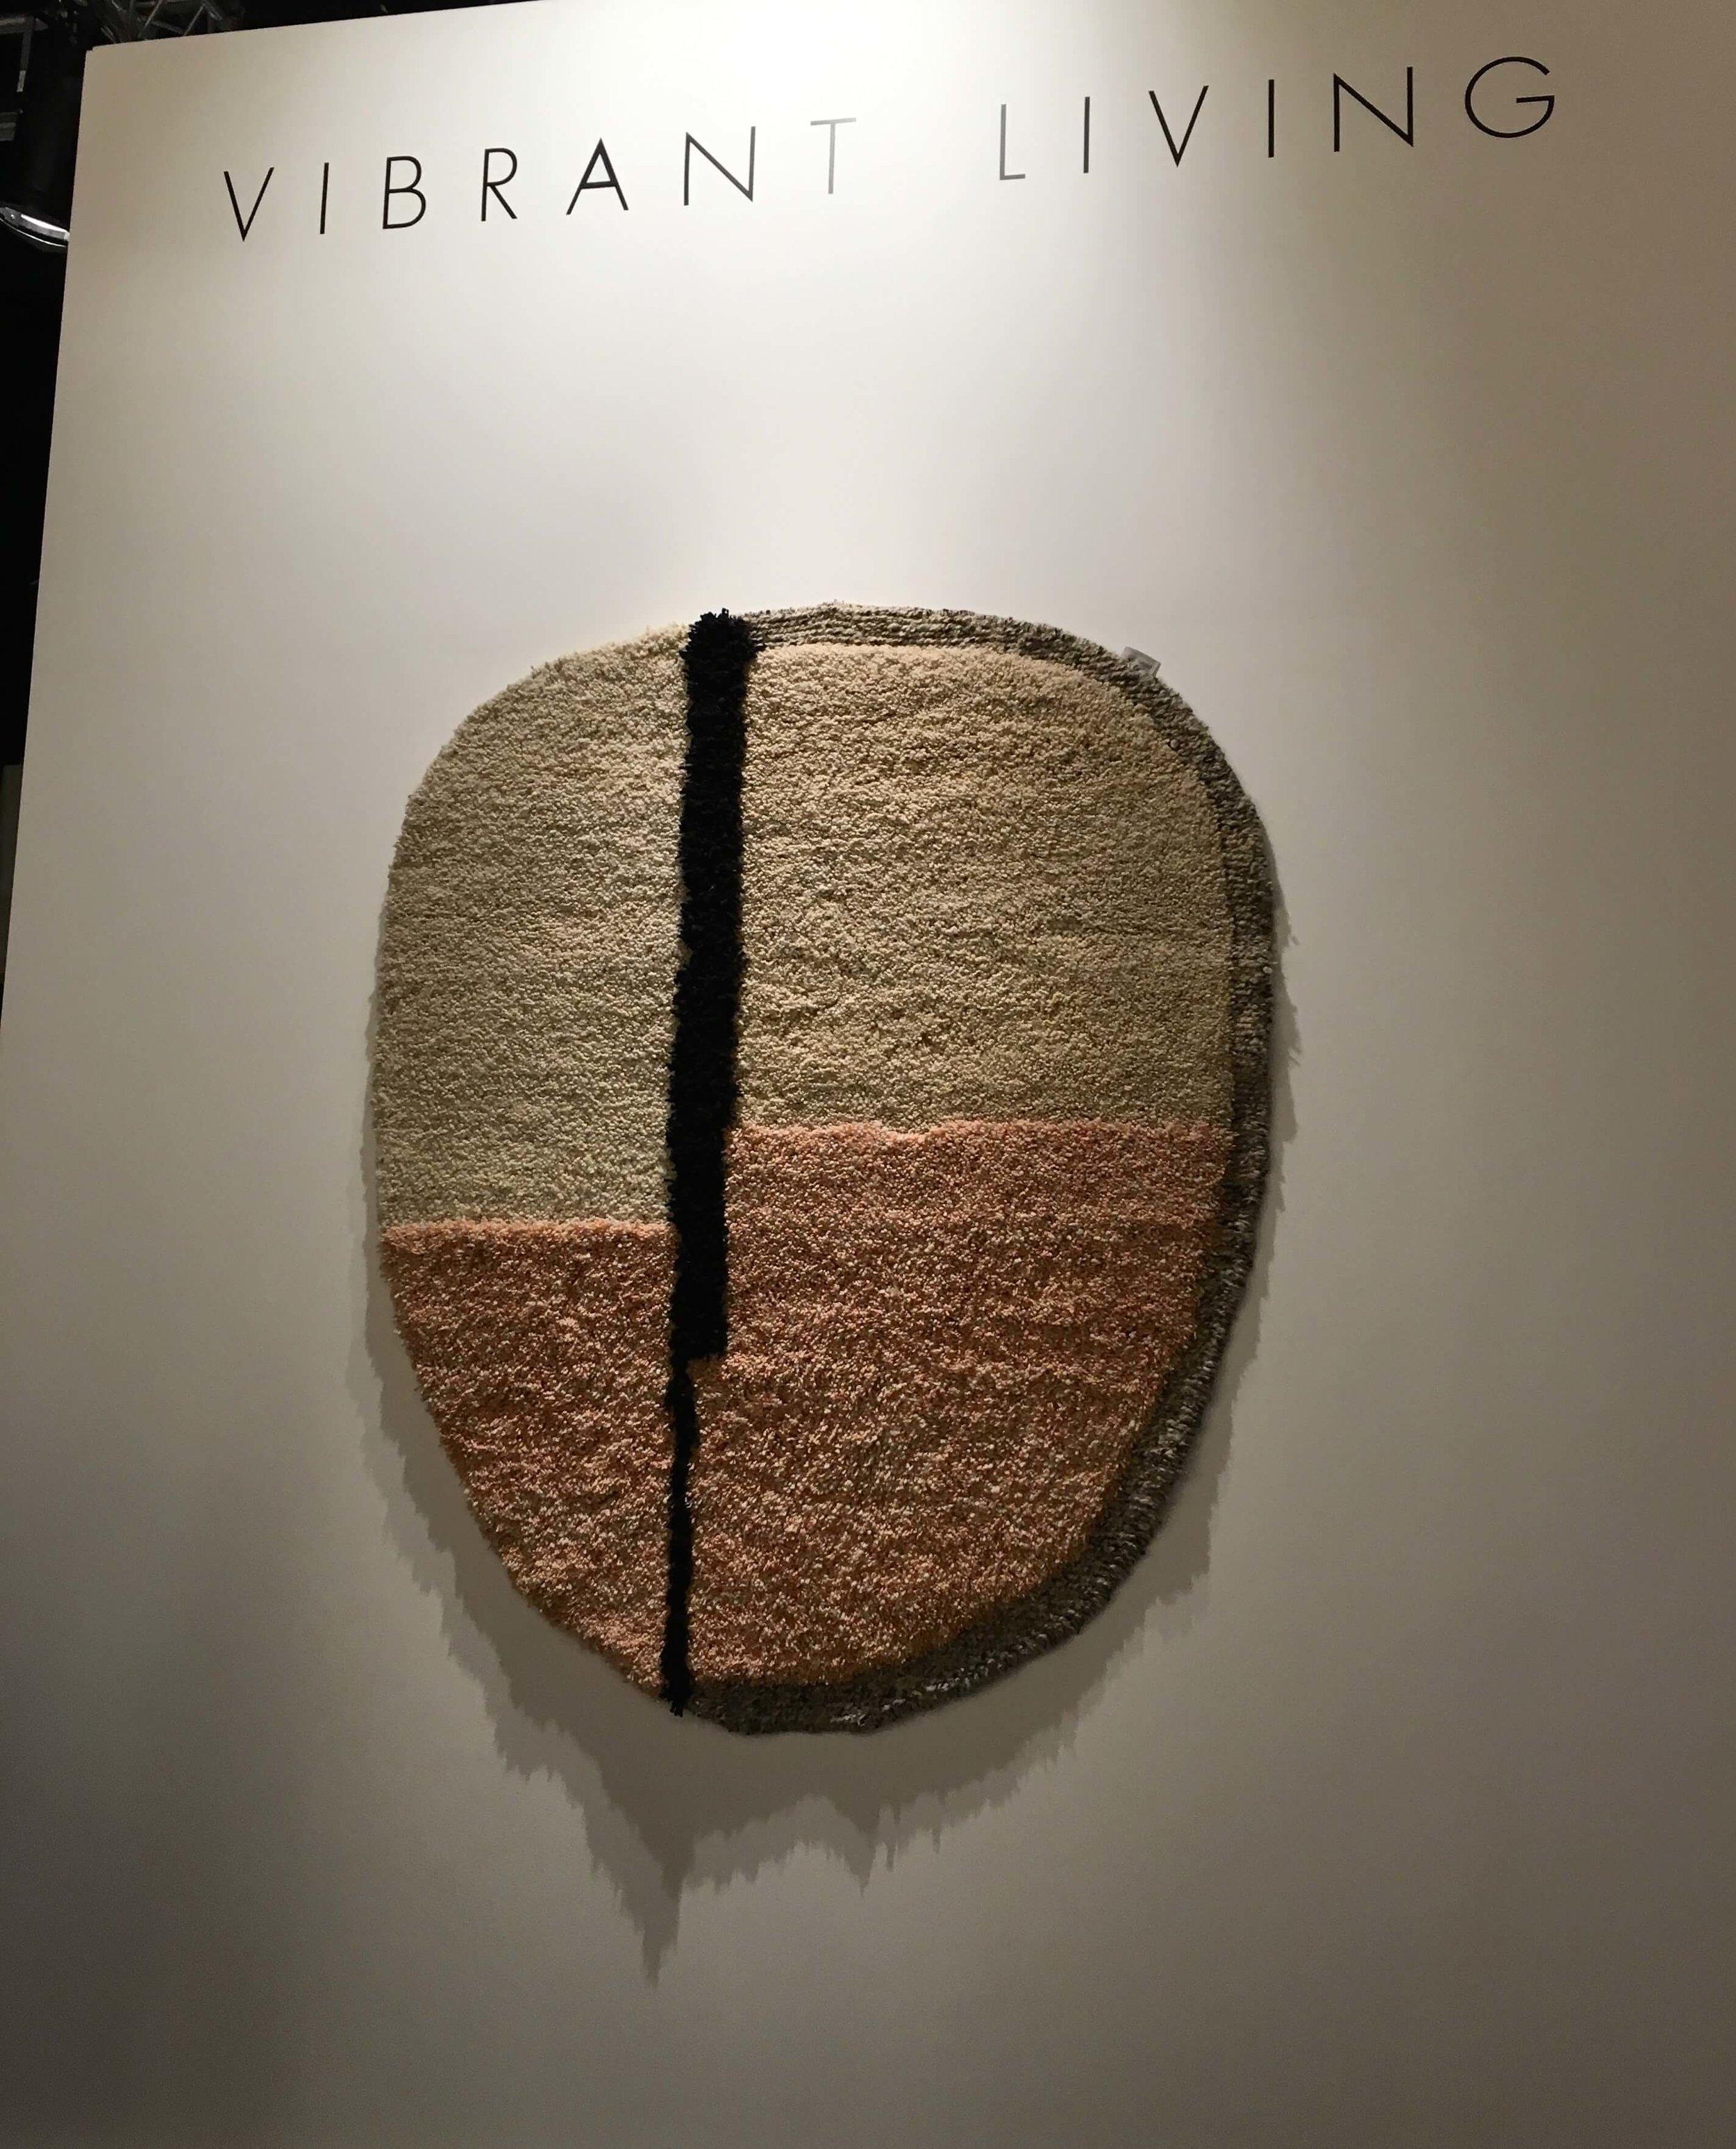 Teppich (oder Bild?) von Vibrant Living, Foto: U. Latzke